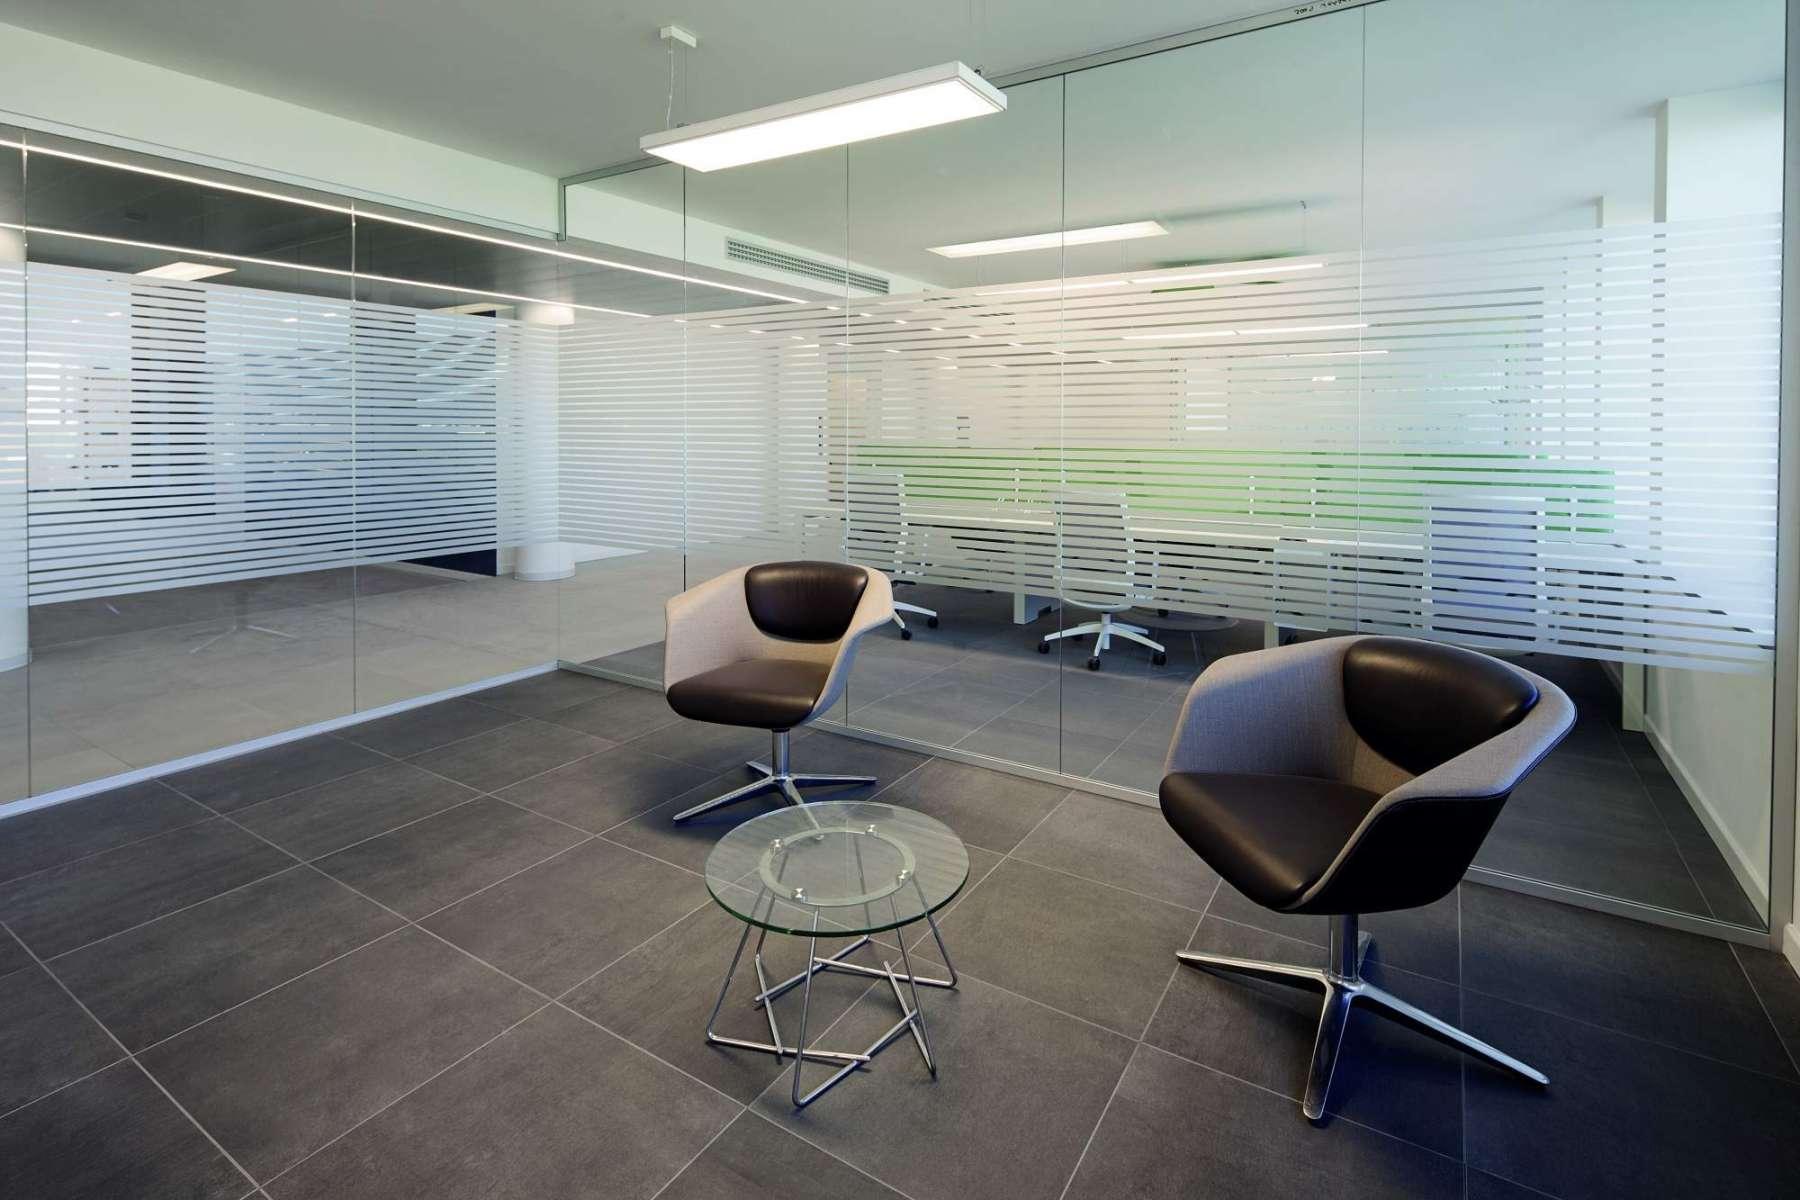 Giorgione directional center uffici immobili per in locazione jll